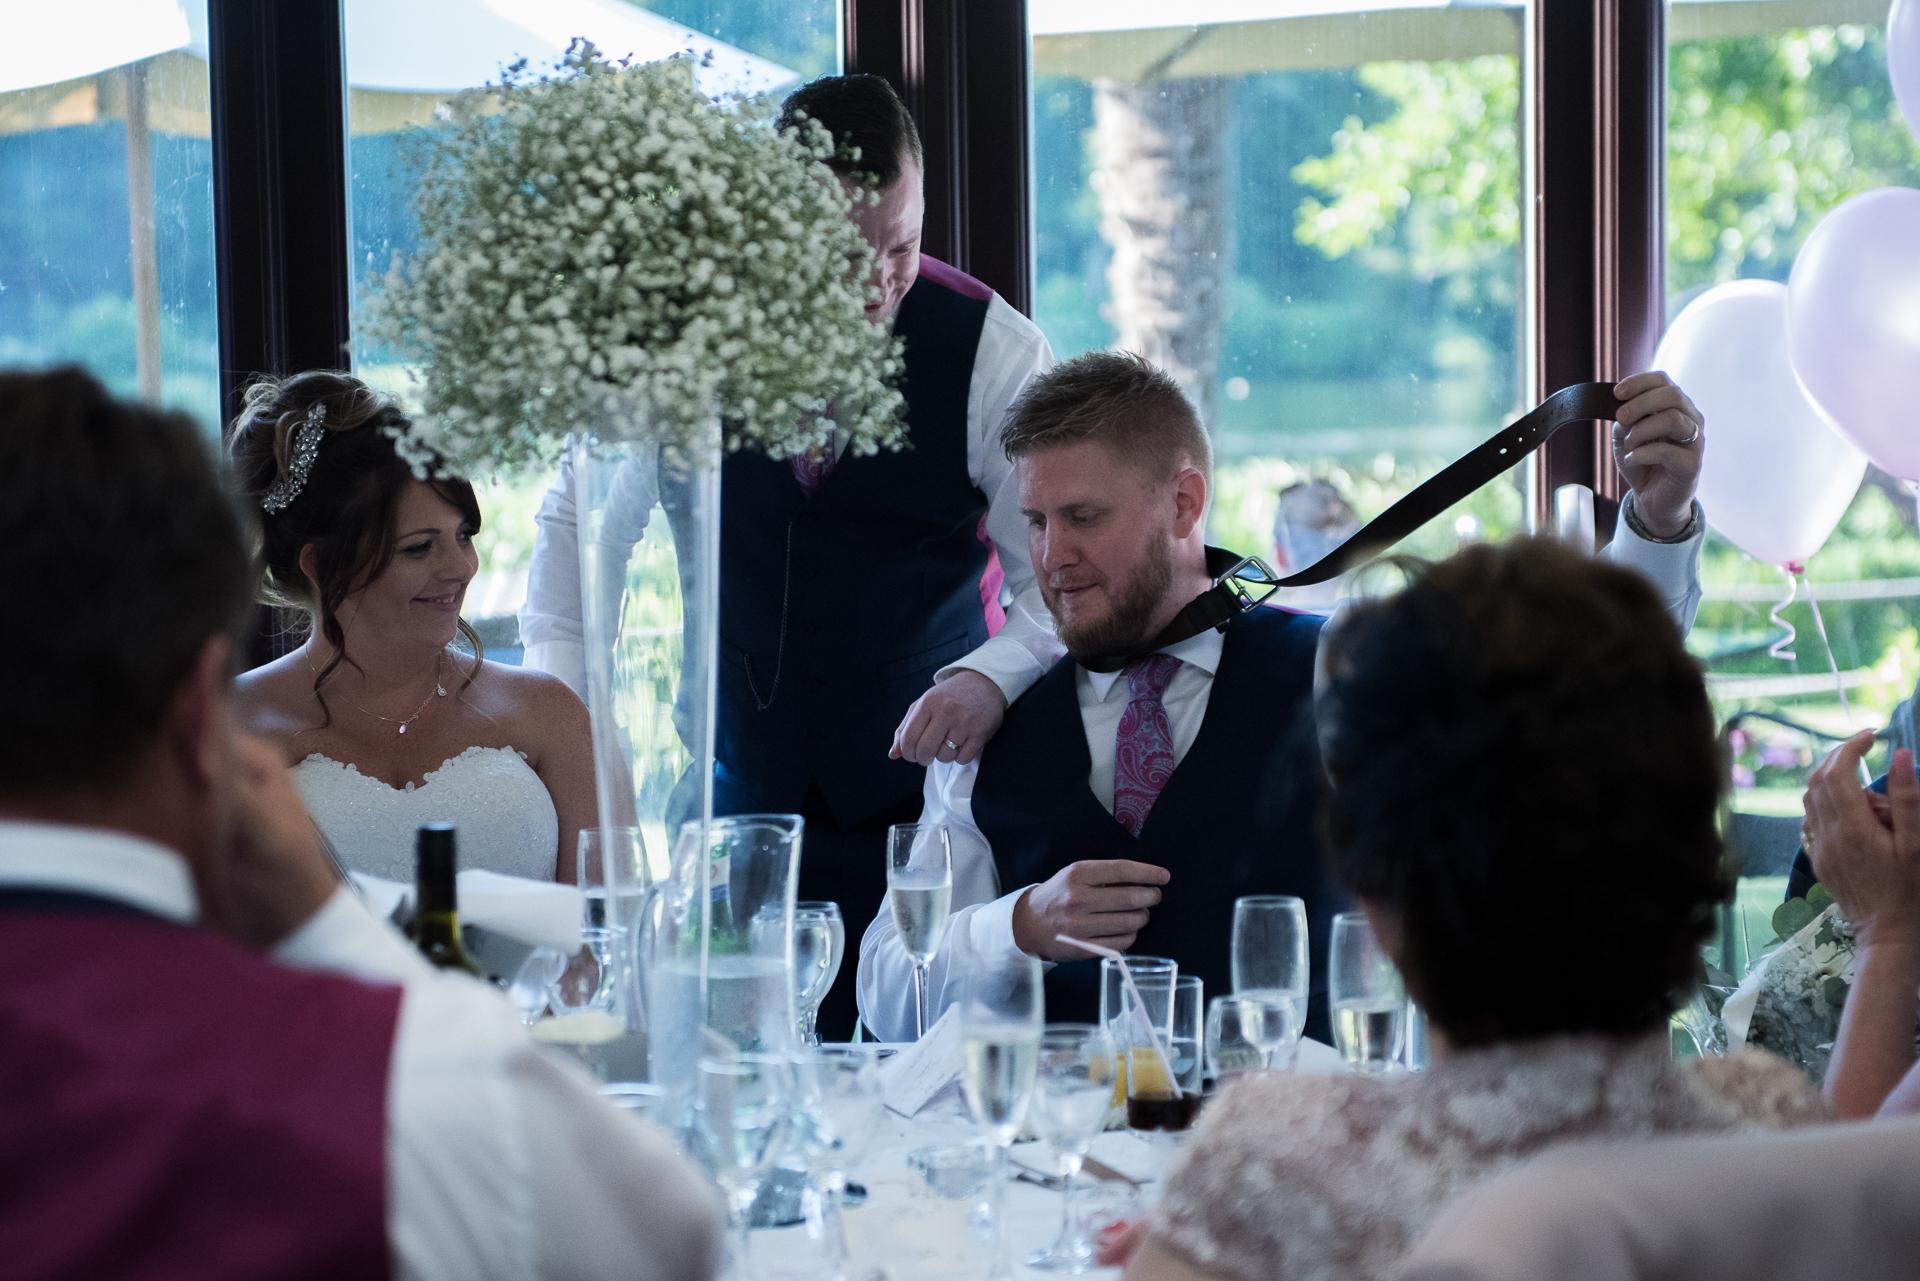 Frensham-Pond-Hotel-wedding_64.JPG